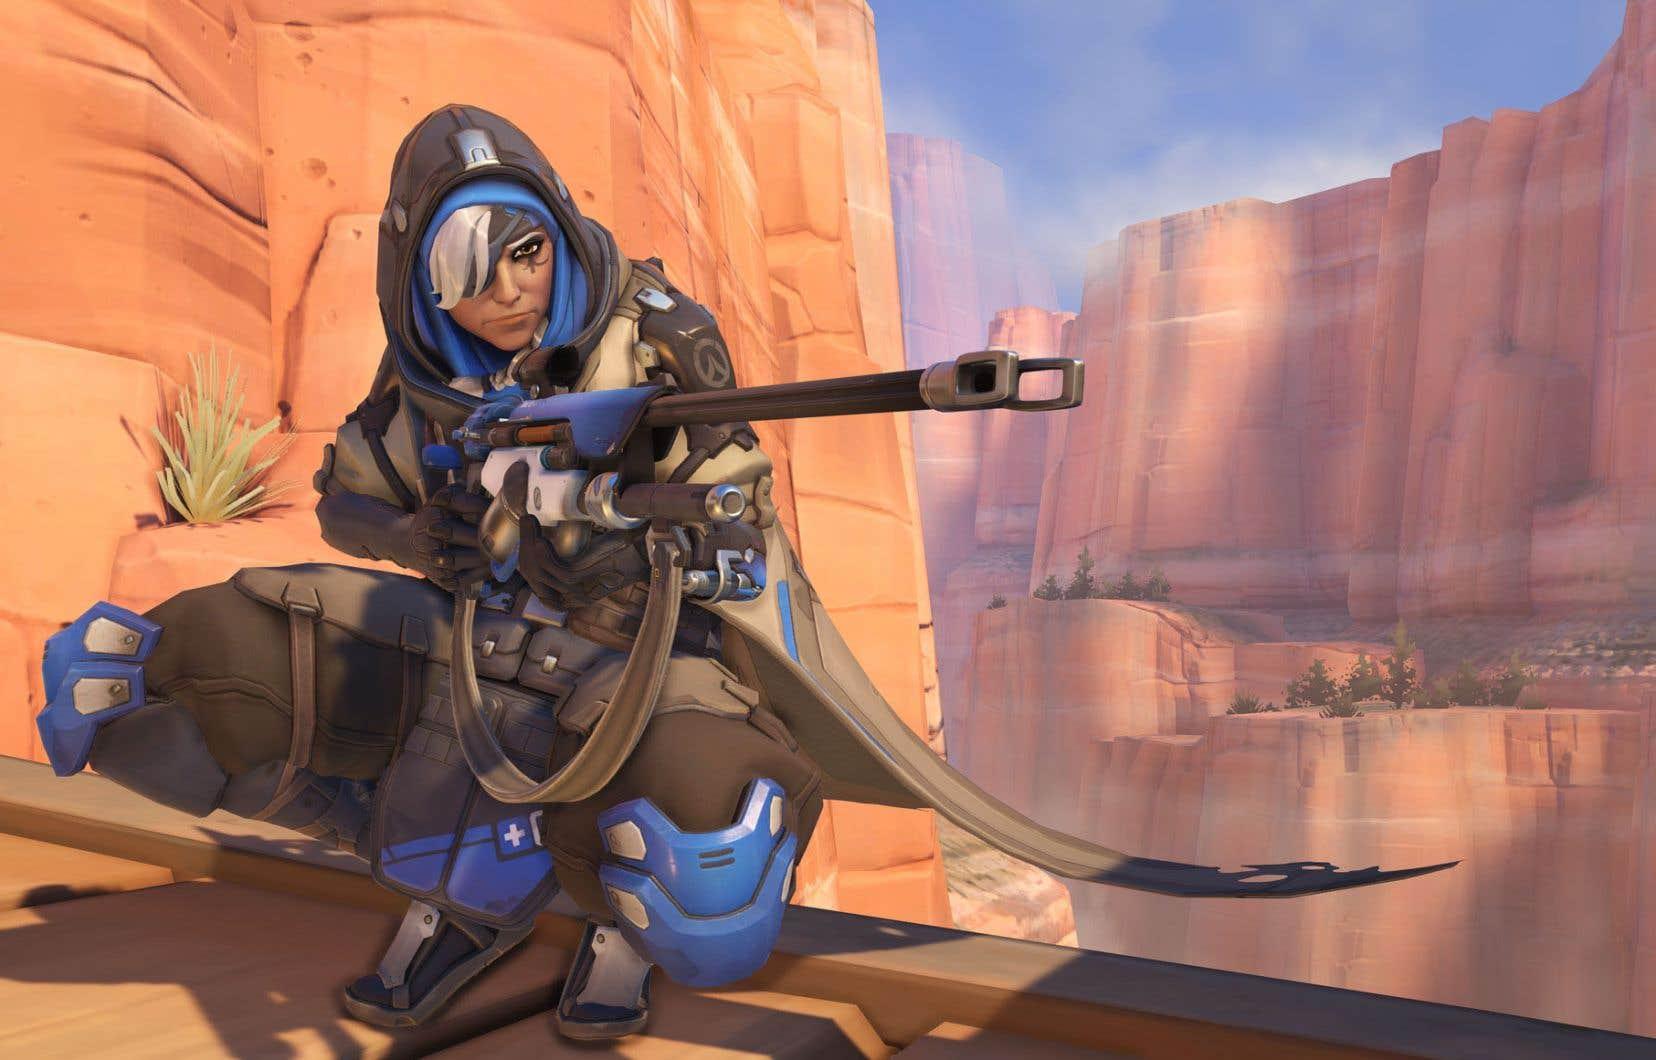 Au sein de l'industrie du jeu vidéo, la plupart s'entendent pour dire que le jeu «Overwatch», qui met en scène une guerrière portant un voile sous son armure, fait figure d'exemple à suivre.